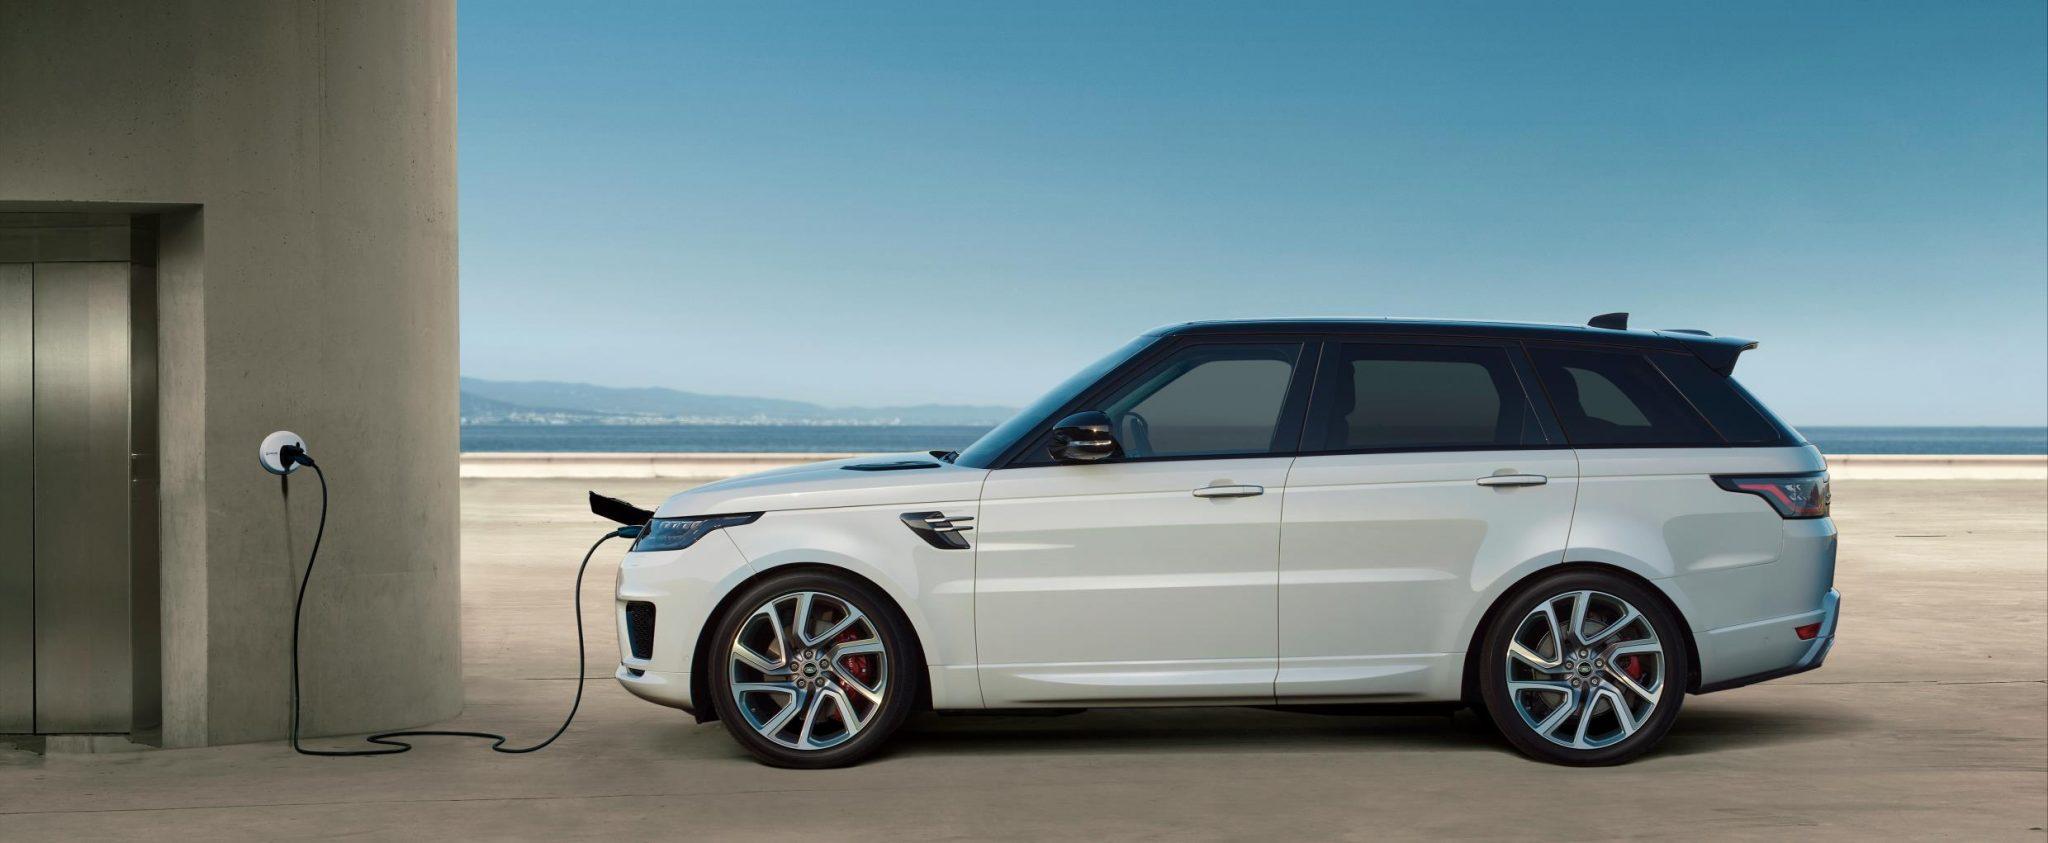 Range Rover SVAutobiography LWB 2018: Poniéndole las cosas difíciles al Bentley Bentayga